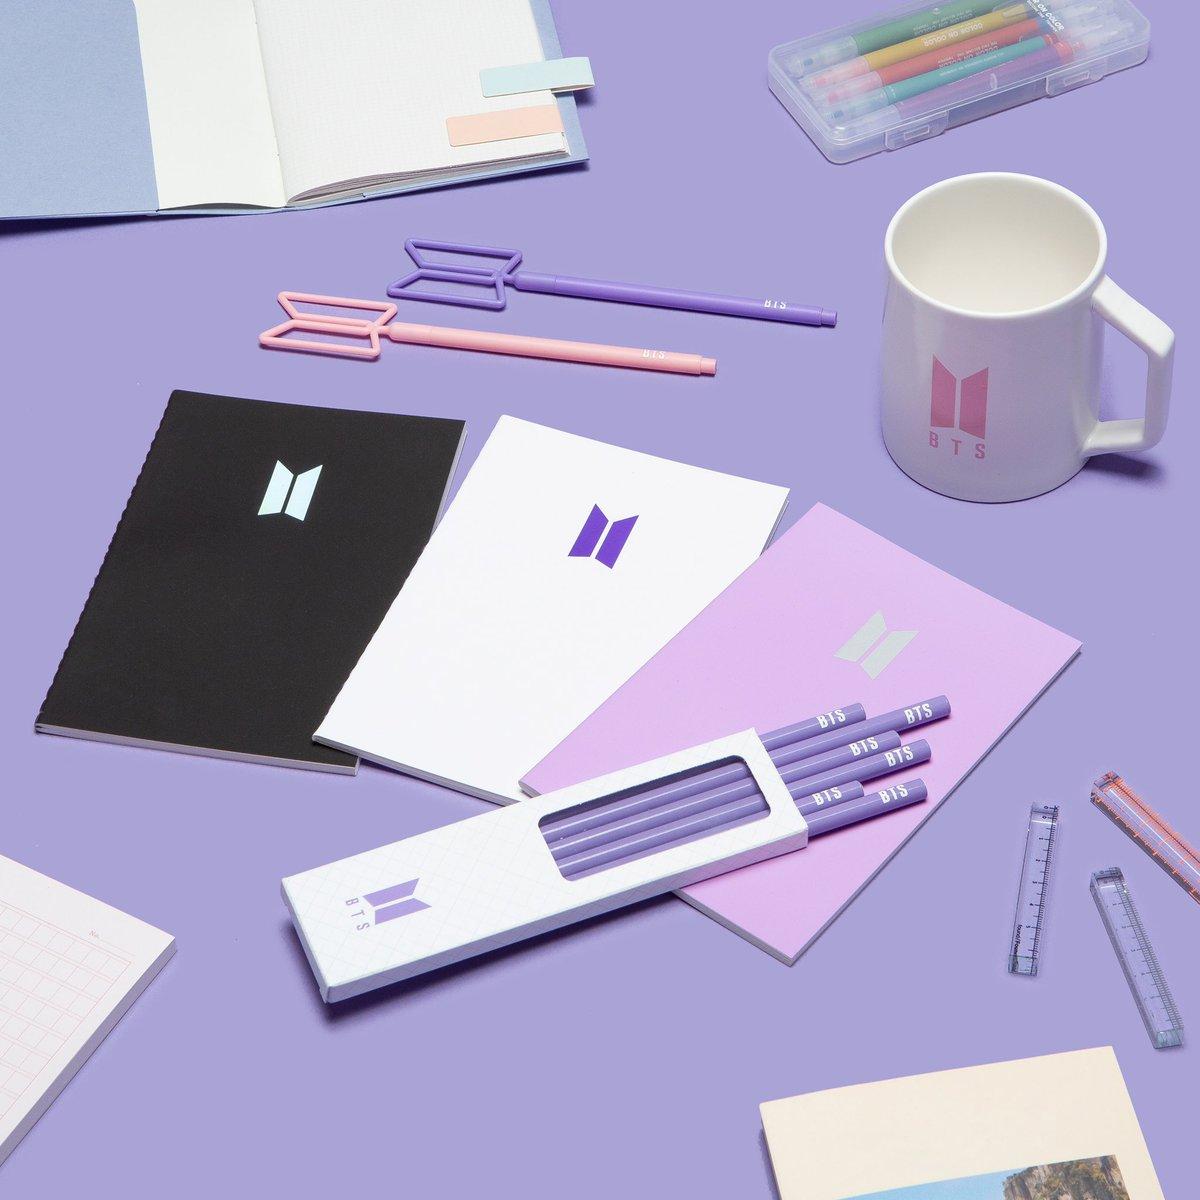 노트, 펜, 연필 같은 문구 기본 아이템부터 안경닦이, 오일페이퍼, 손수건, 텀블러까지 일상생활에서 자주 사용할 수 있는 아이템 입니다.  #BTS_POPUP #SPACE_OF_BTS